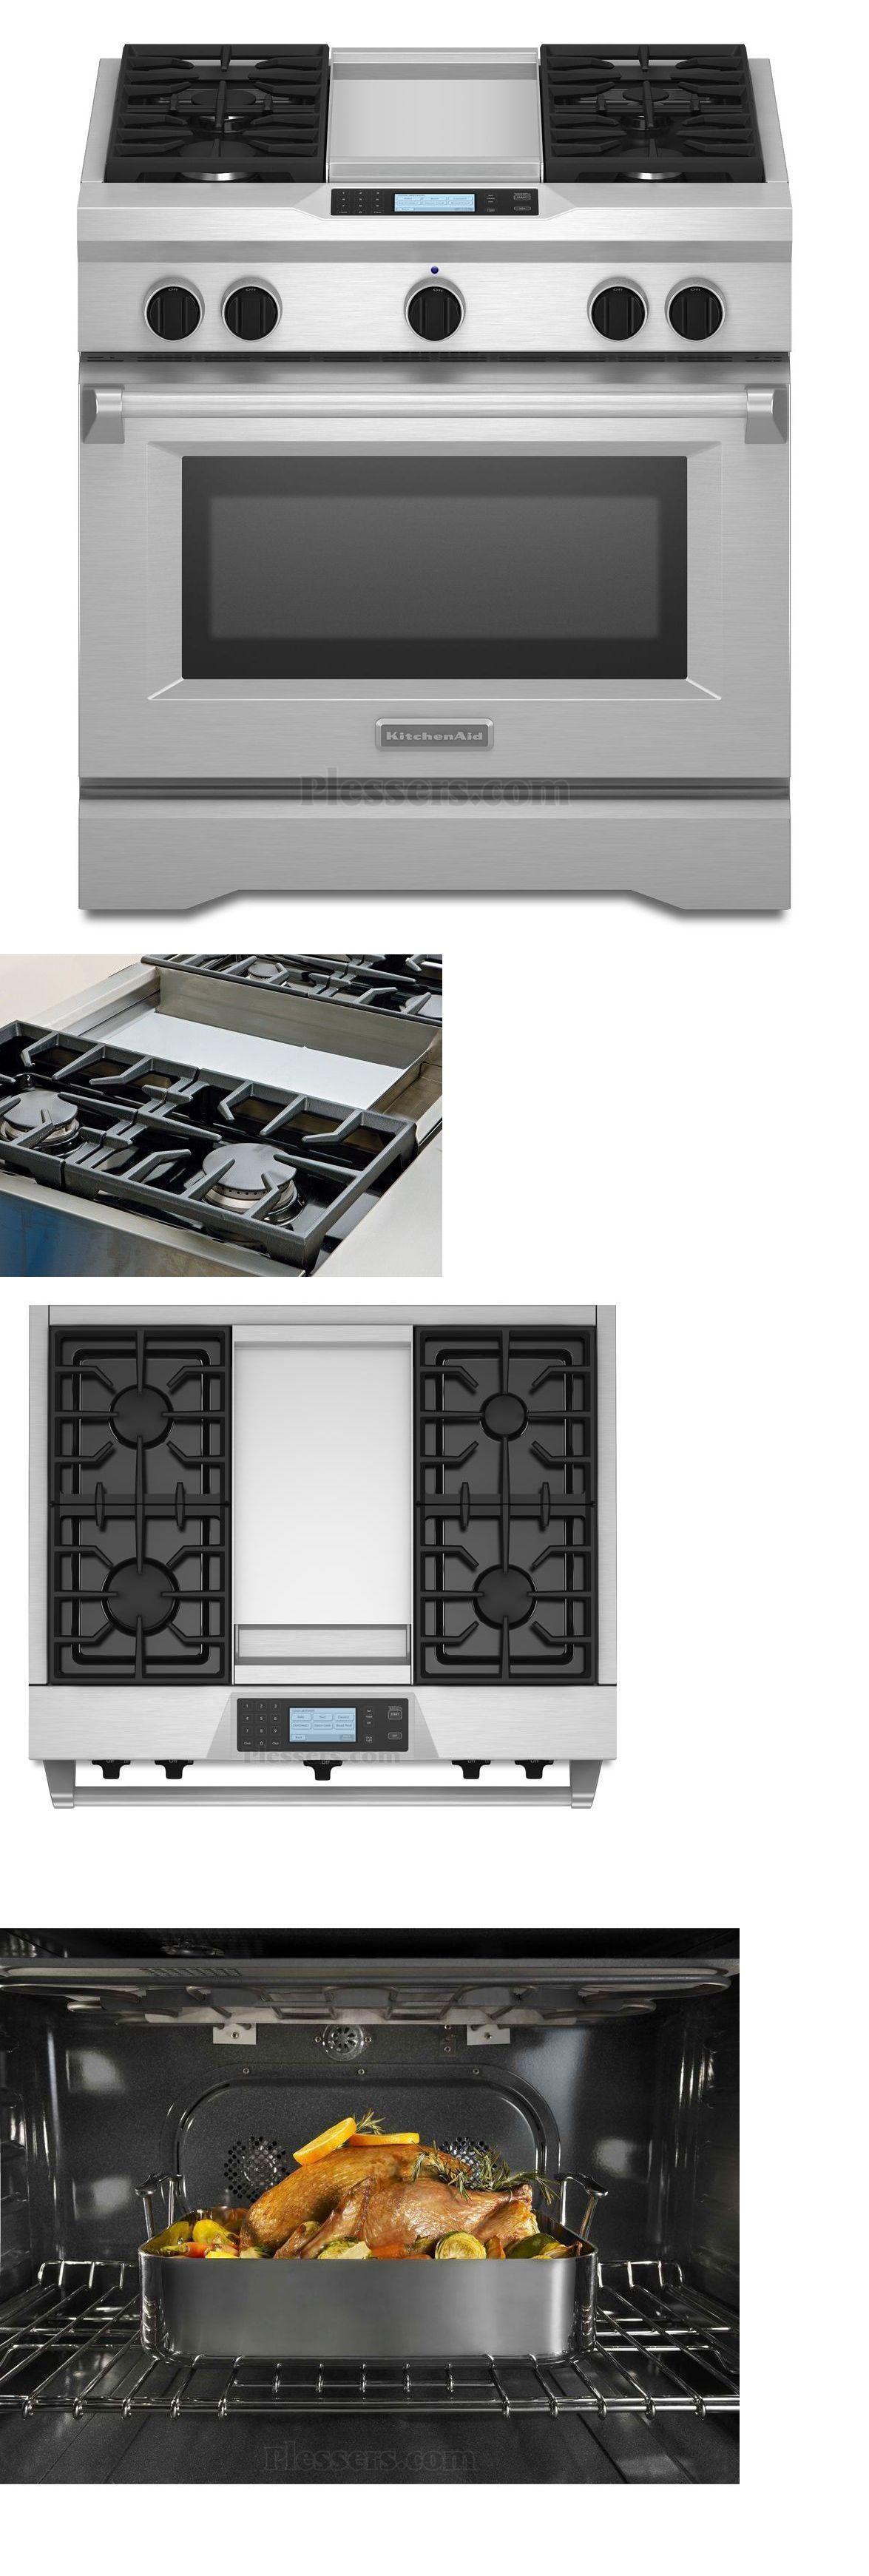 Ranges And Stoves 71250: Kitchenaid Kdru763vss 36 6 Burner Dual Fuel Slide  In